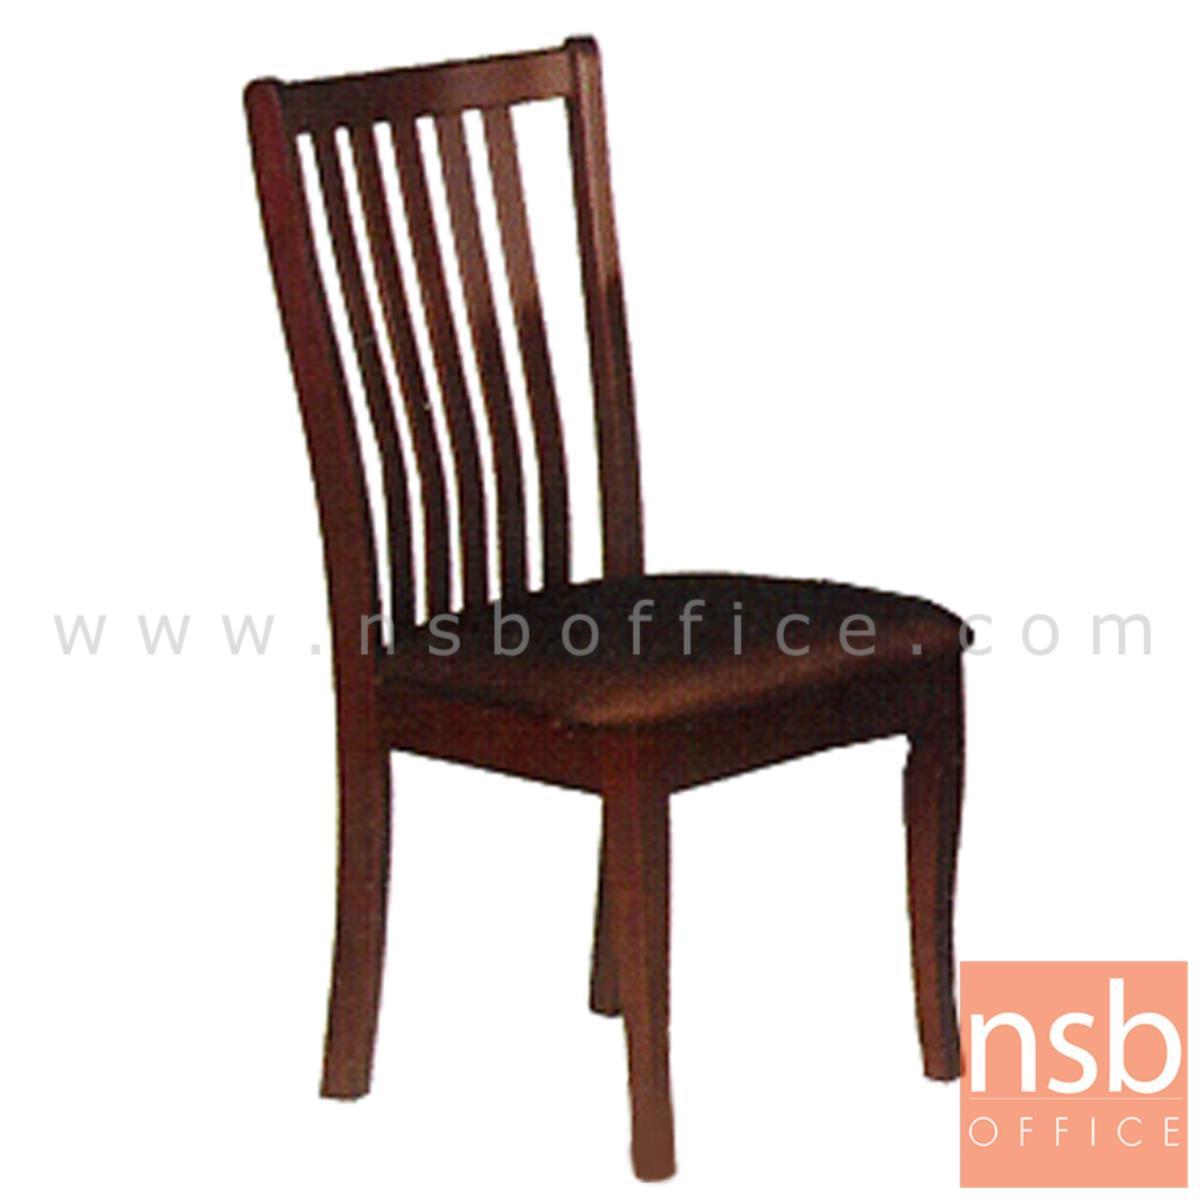 G14A036:เก้าอี้ไม้ยางพาราที่นั่งหุ้มหนังเทียม รุ่น Lofting (ลอฟติง) ขาไม้